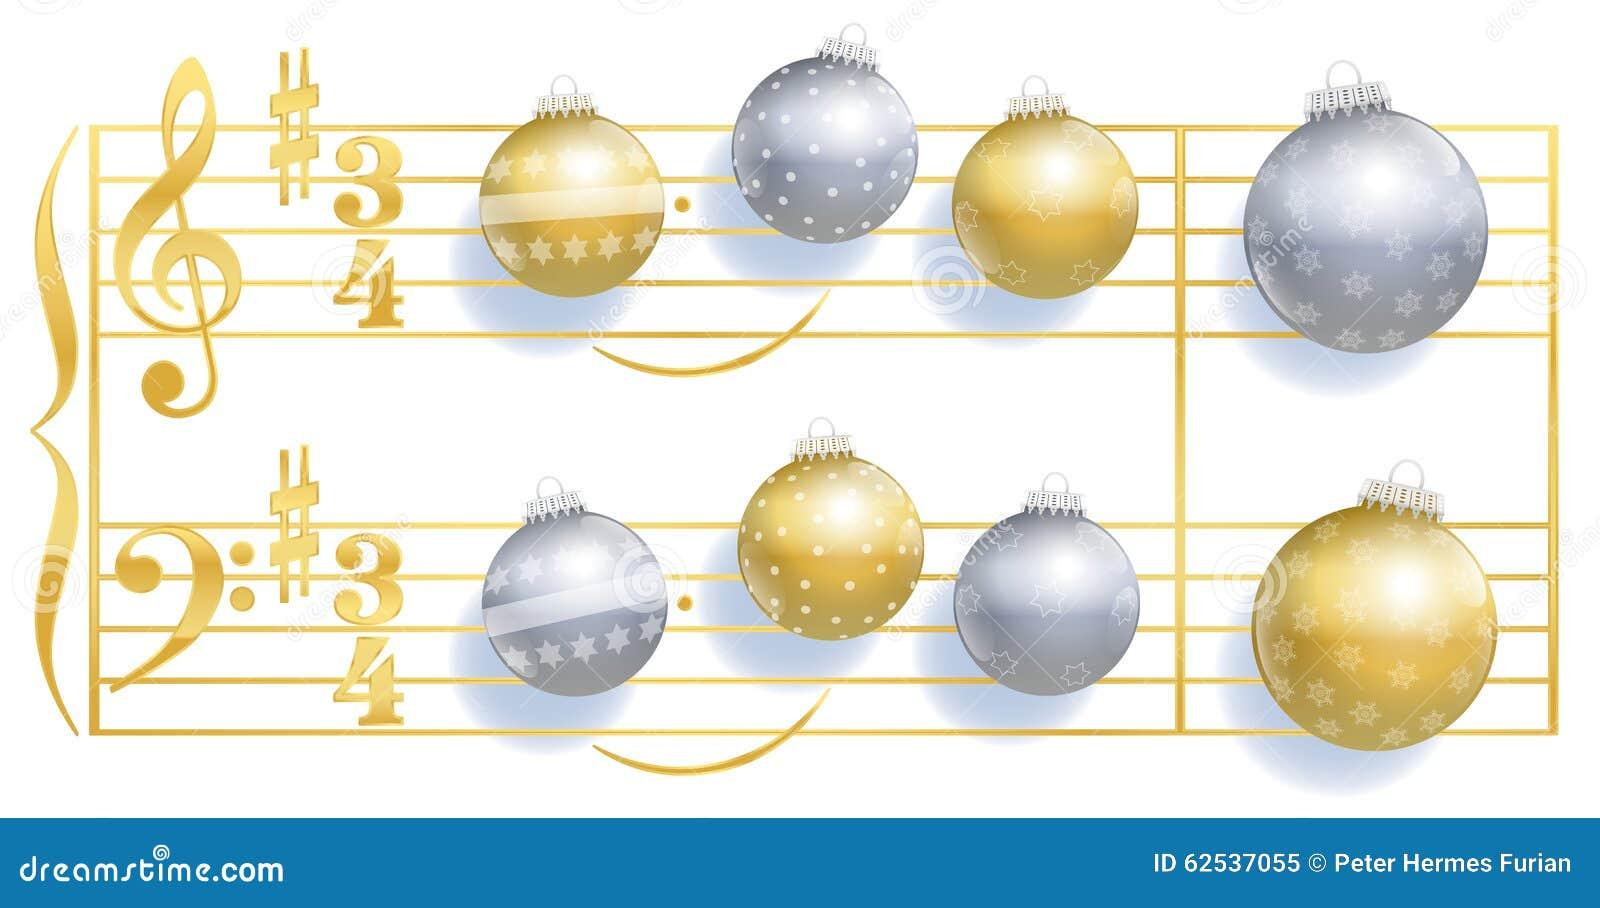 沈默夜圣诞节球歌曲